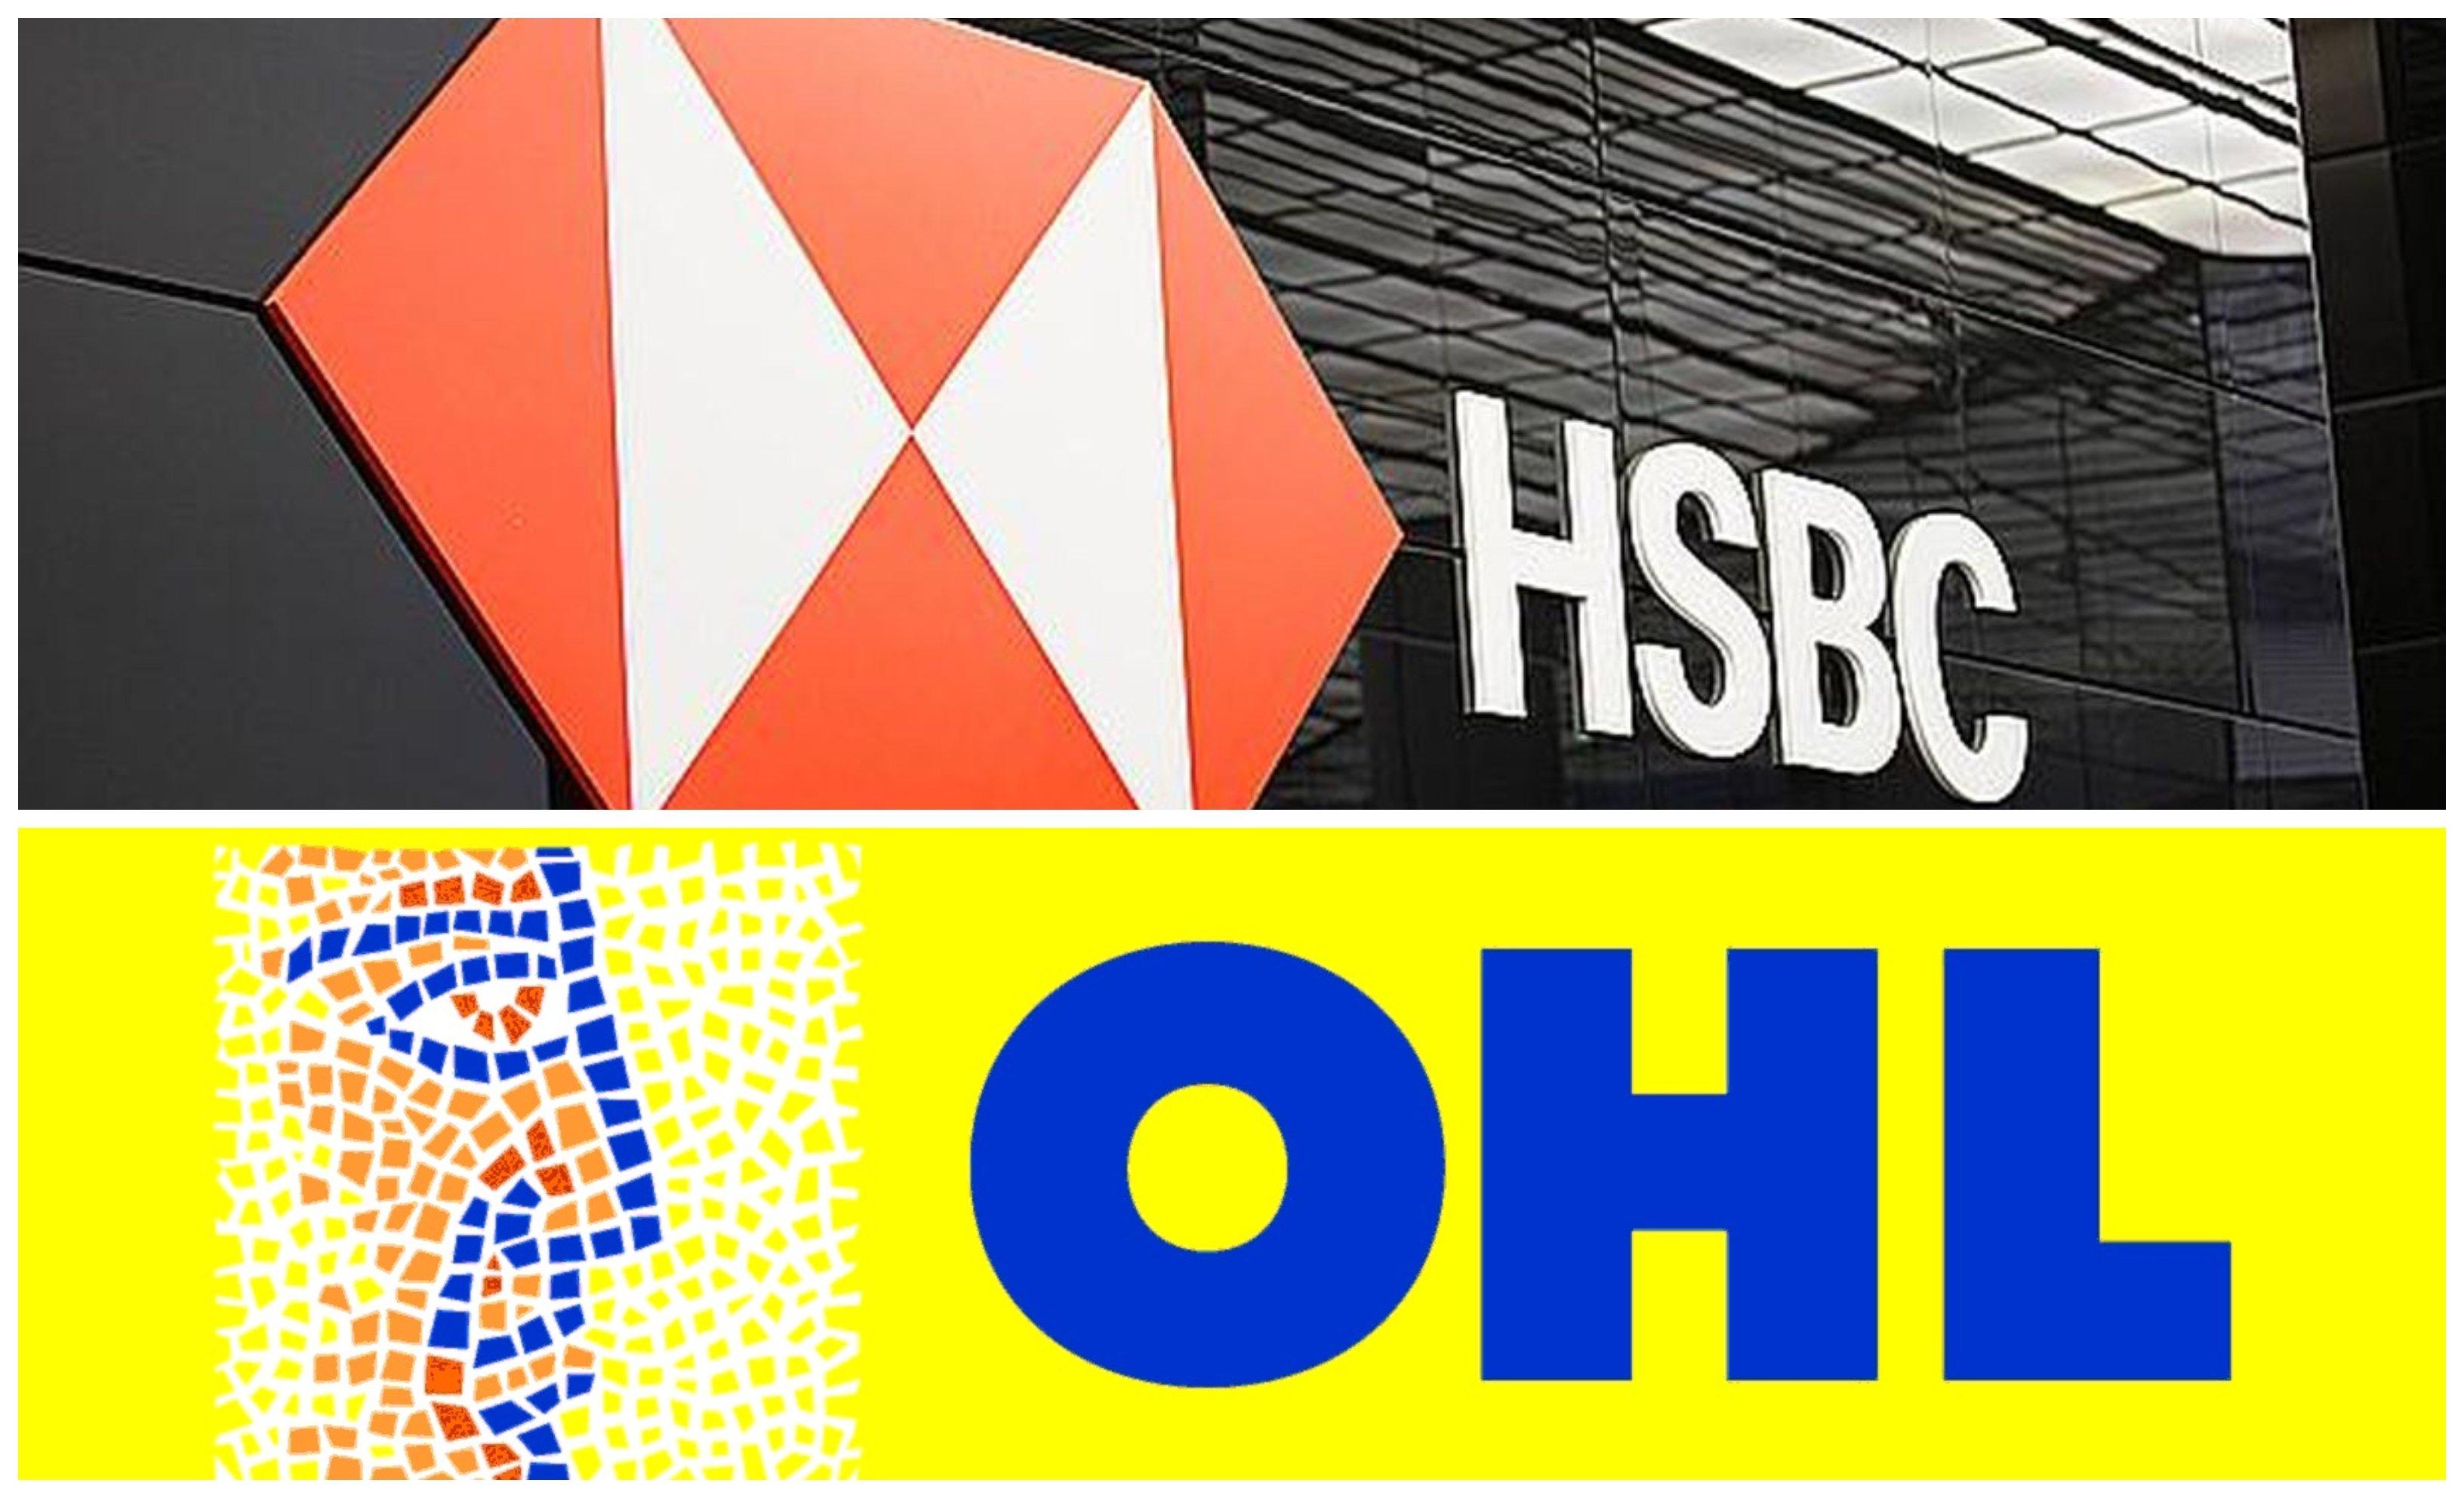 HSBC ha ganado unos seis millones de euros pero ha perjudicado al resto de accionistas de OHL, principalmente a los minoritarios